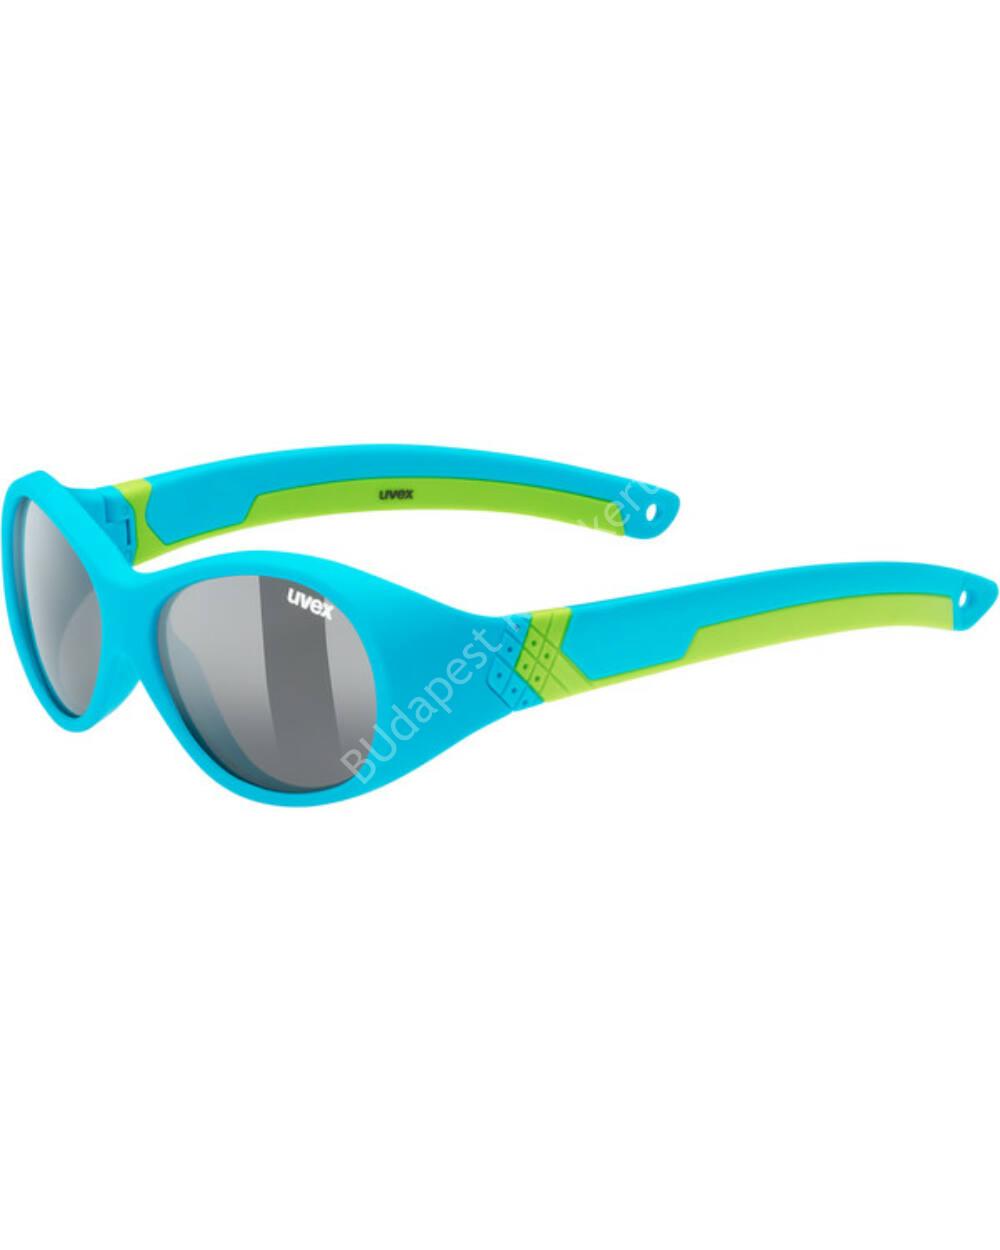 Uvex sportstyle 510 UV-védős sportszemüveg 1-3 éves, kék-neonzöld